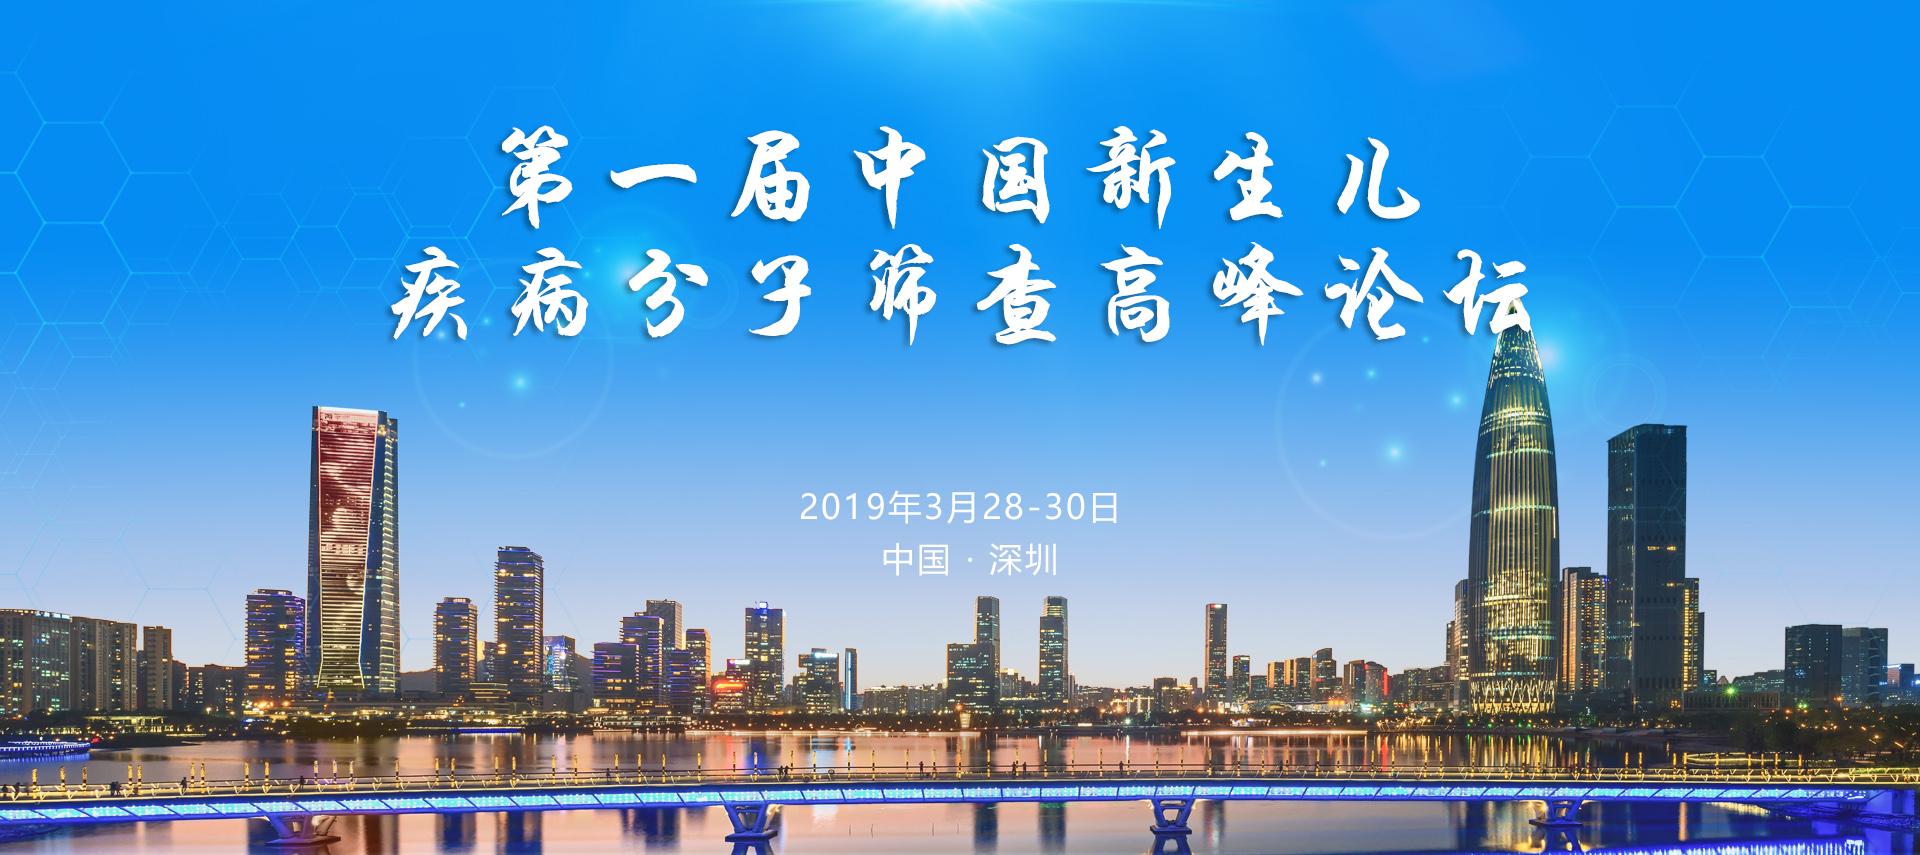 第一届中国新生儿疾病分子筛查高峰论坛